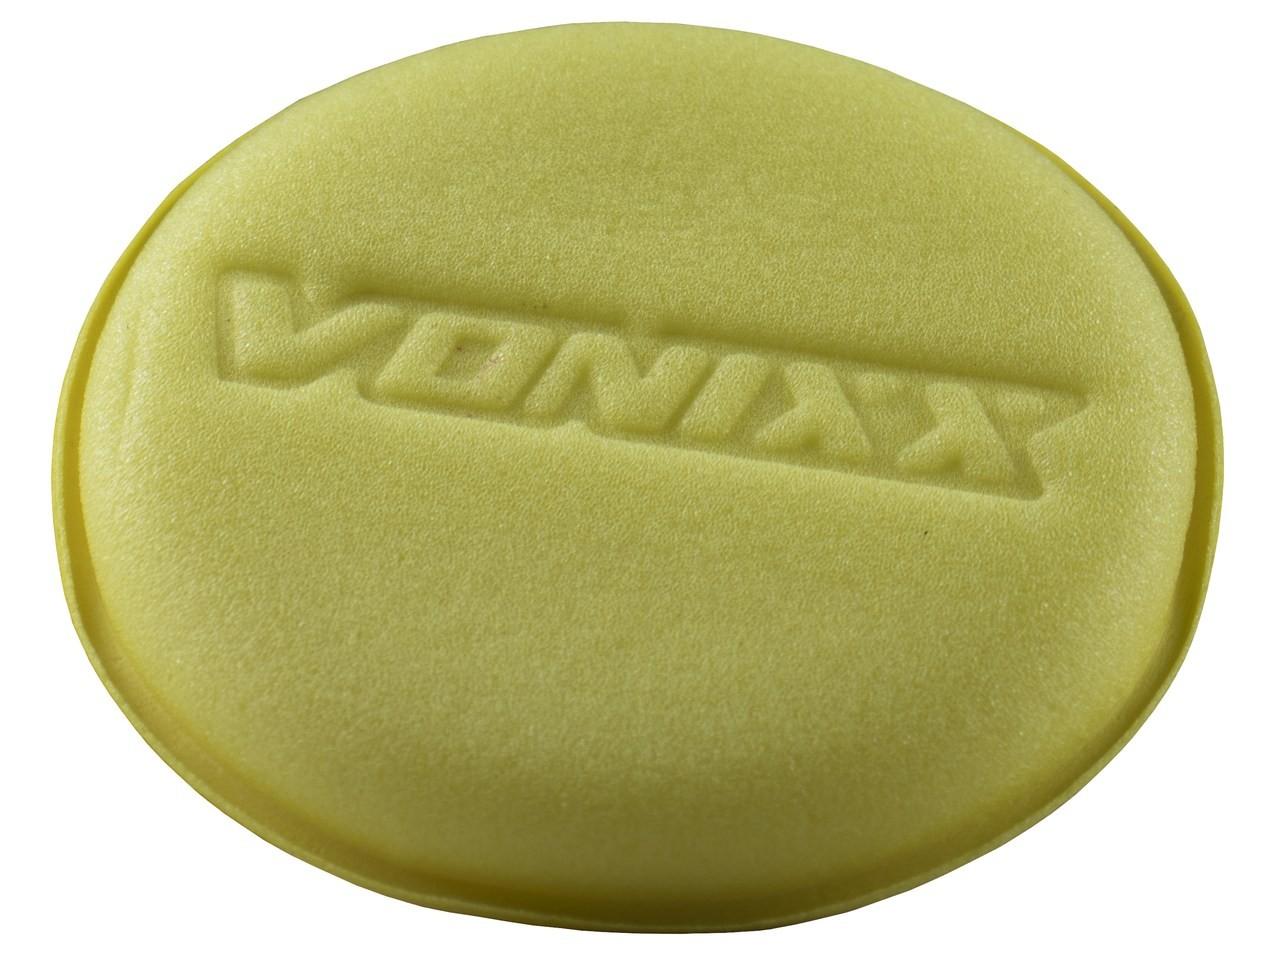 Aplicador de espuma 1 unidade Vonixx